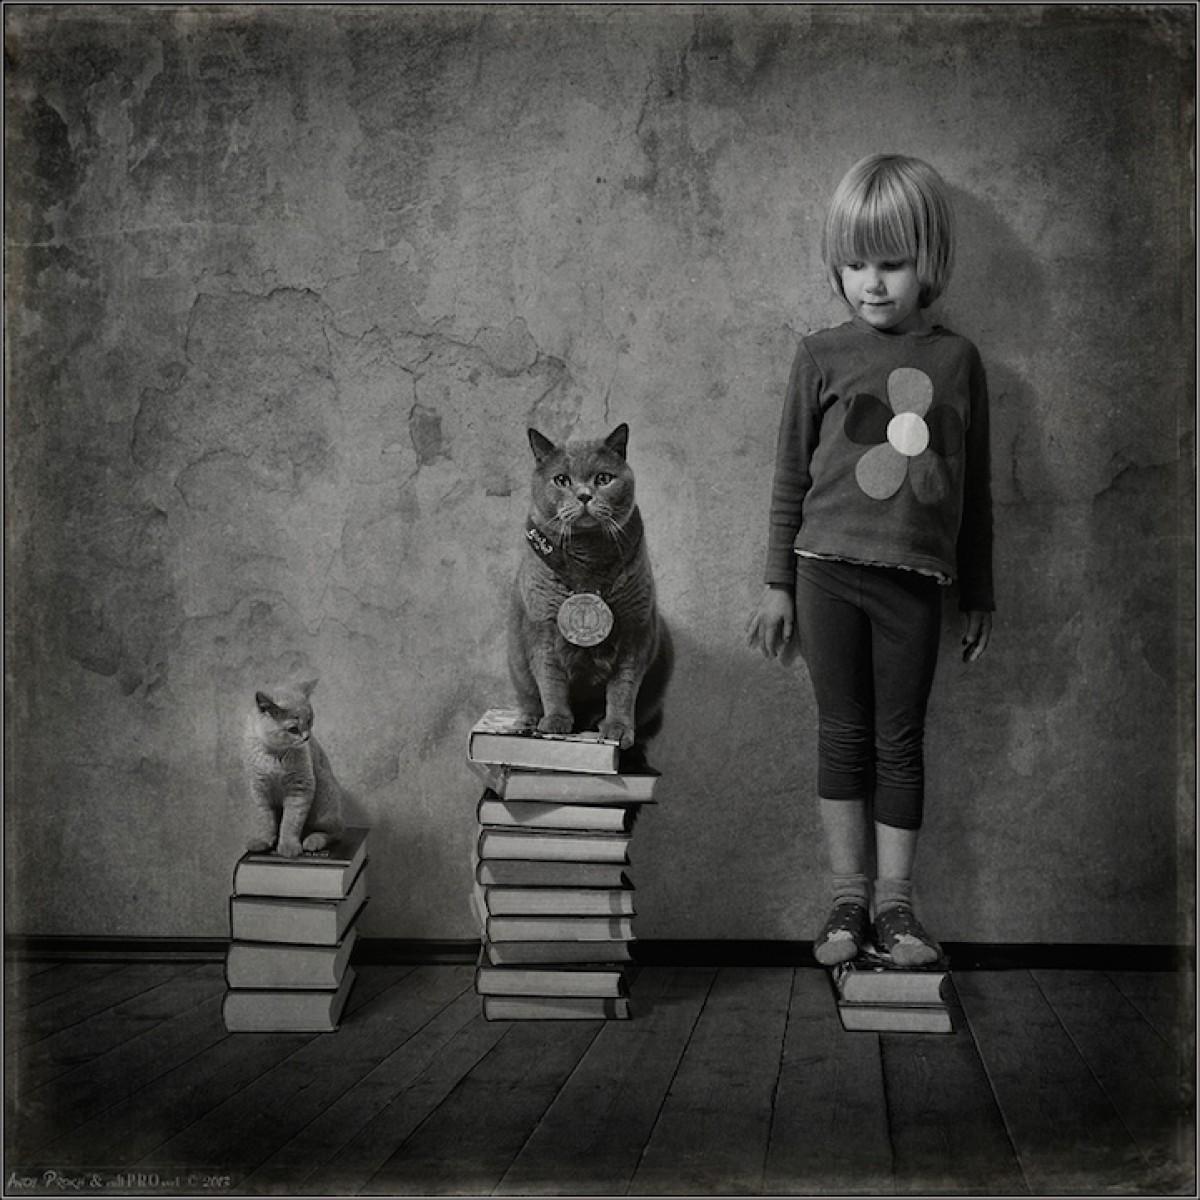 Ένα κοριτσάκι φωτογραφίζεται με τις γάτες της